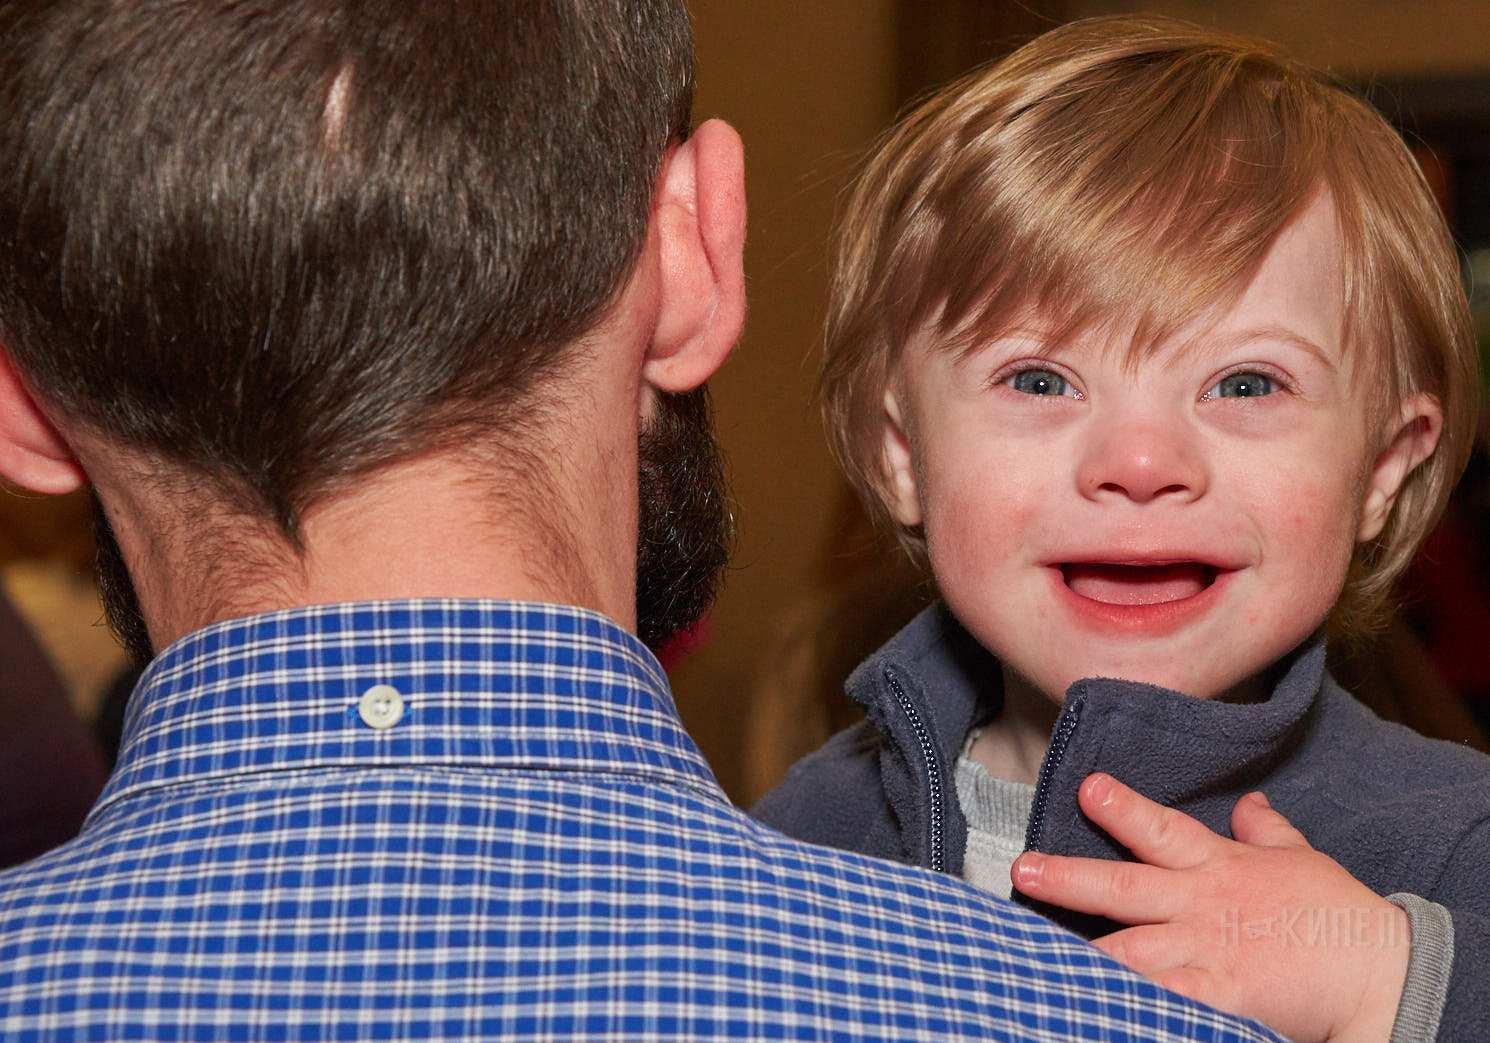 синдром дауна даун солнечные дети инвалид